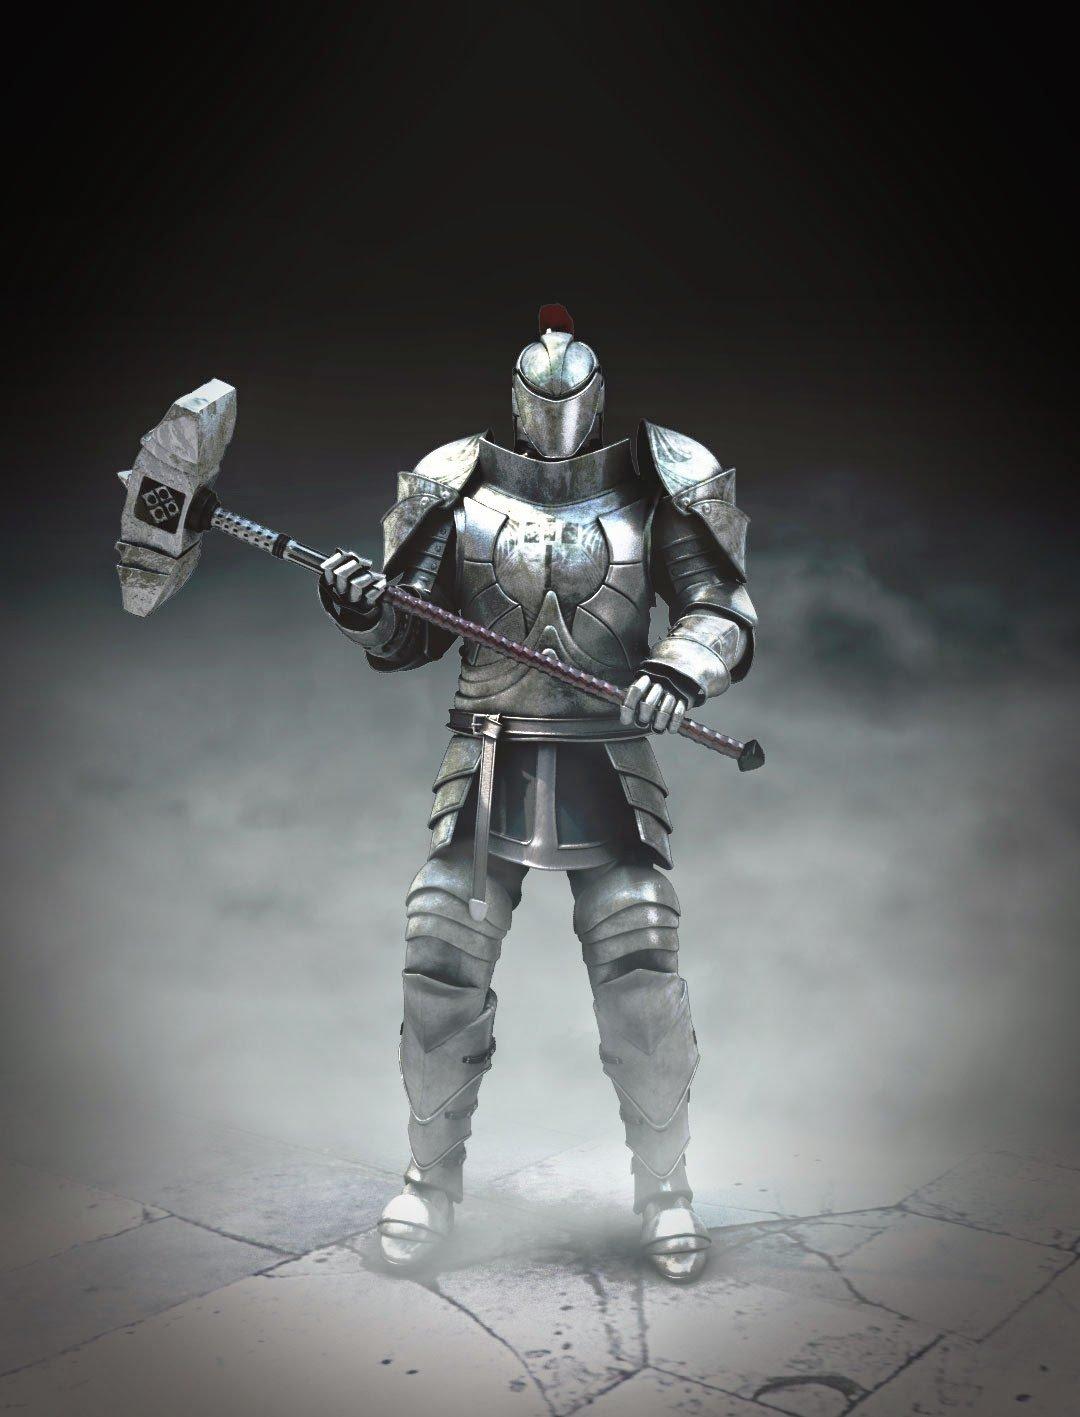 Andre de souza knight